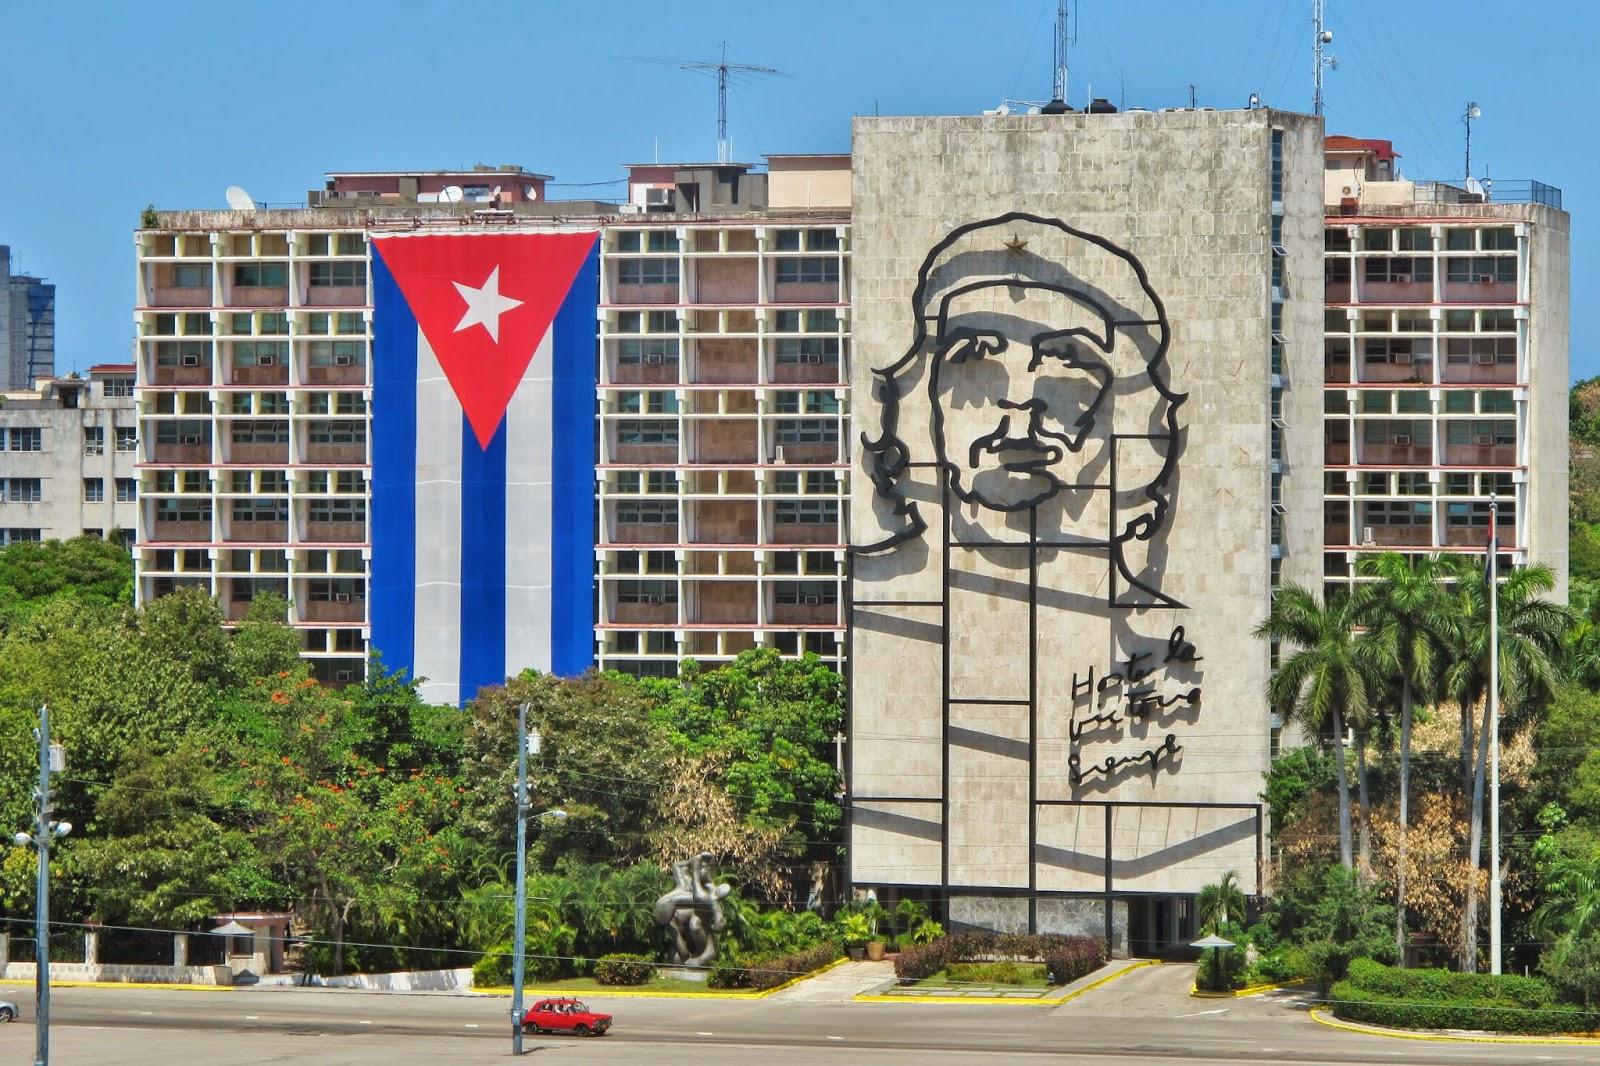 Busto de Che Guevara, na Praça da Revolução, em Havana.